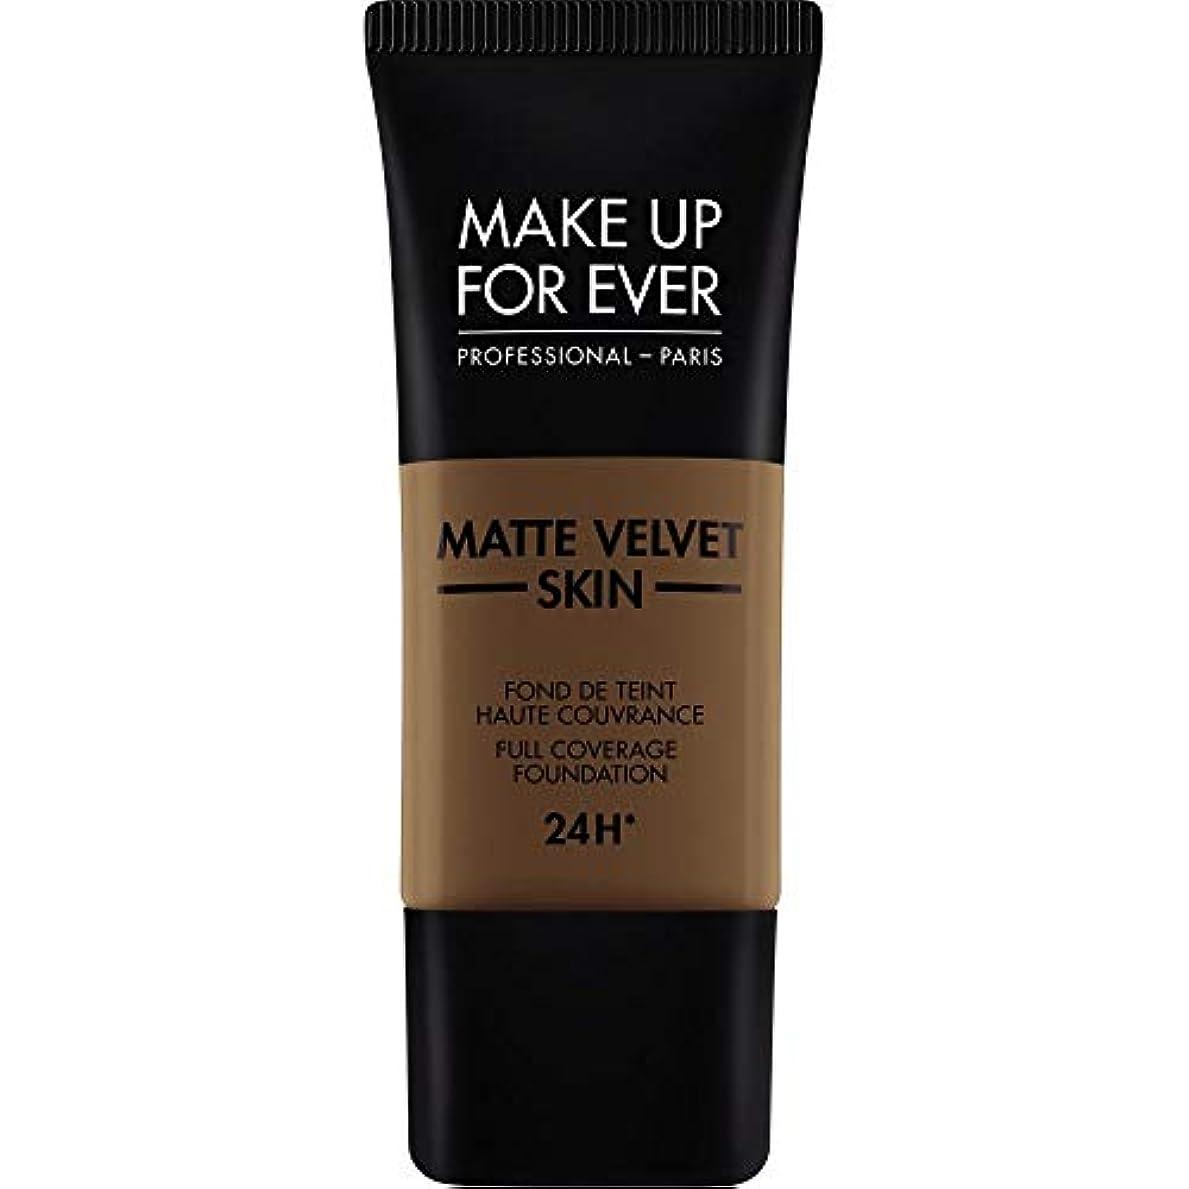 演じる公爵夫人密[MAKE UP FOR EVER ] ダークブラウン - これまでマットベルベットの皮膚のフルカバレッジ基礎30ミリリットルのR540を補います - MAKE UP FOR EVER Matte Velvet Skin...